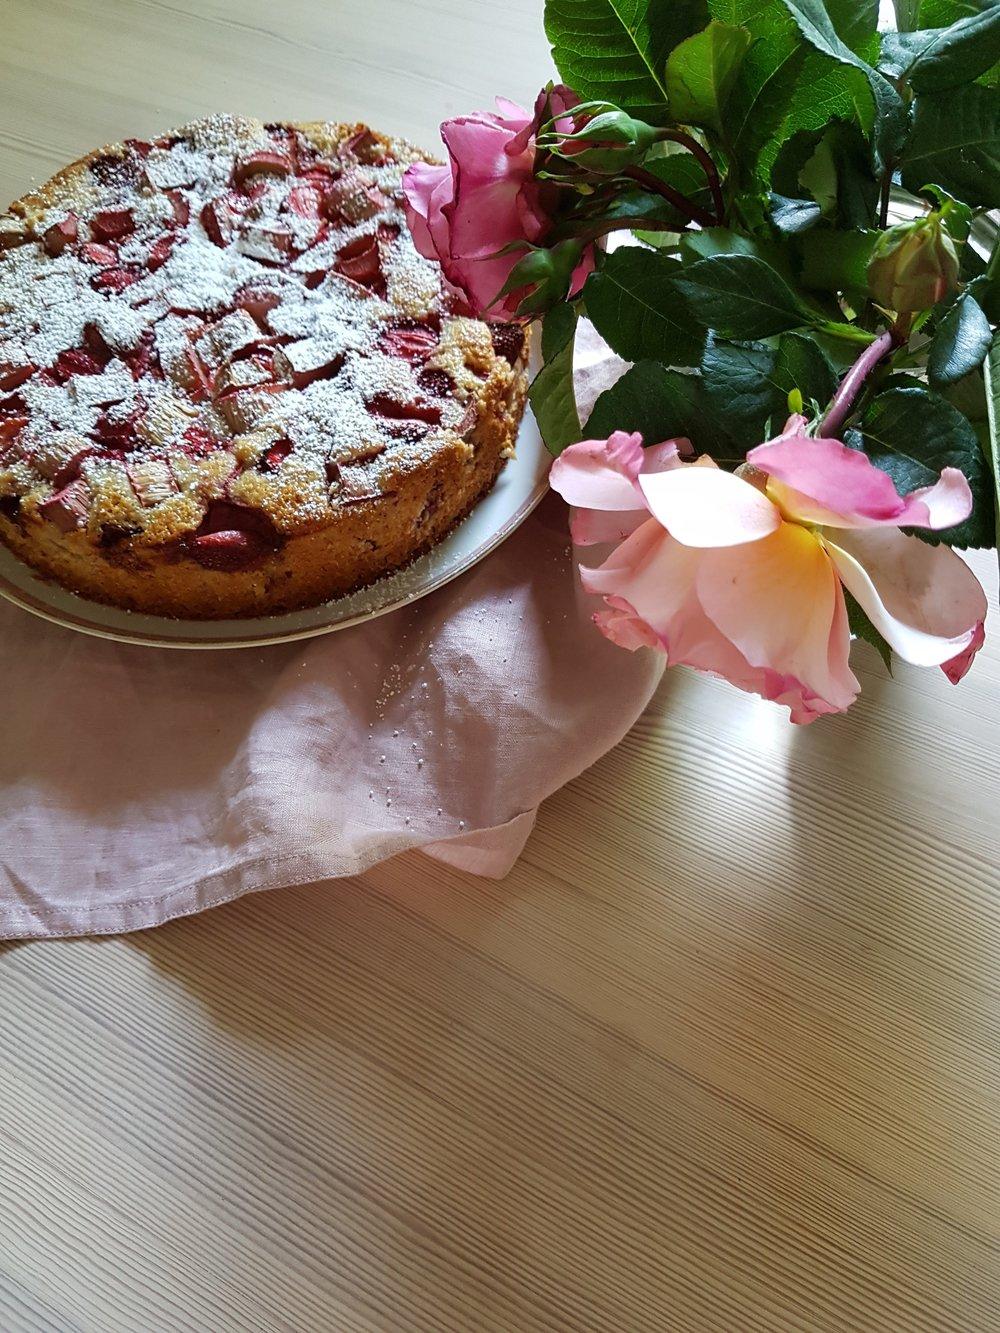 Erdbeer Rhabarber Kuchen Schnell Saftig Und Lecker Judithyoudidit